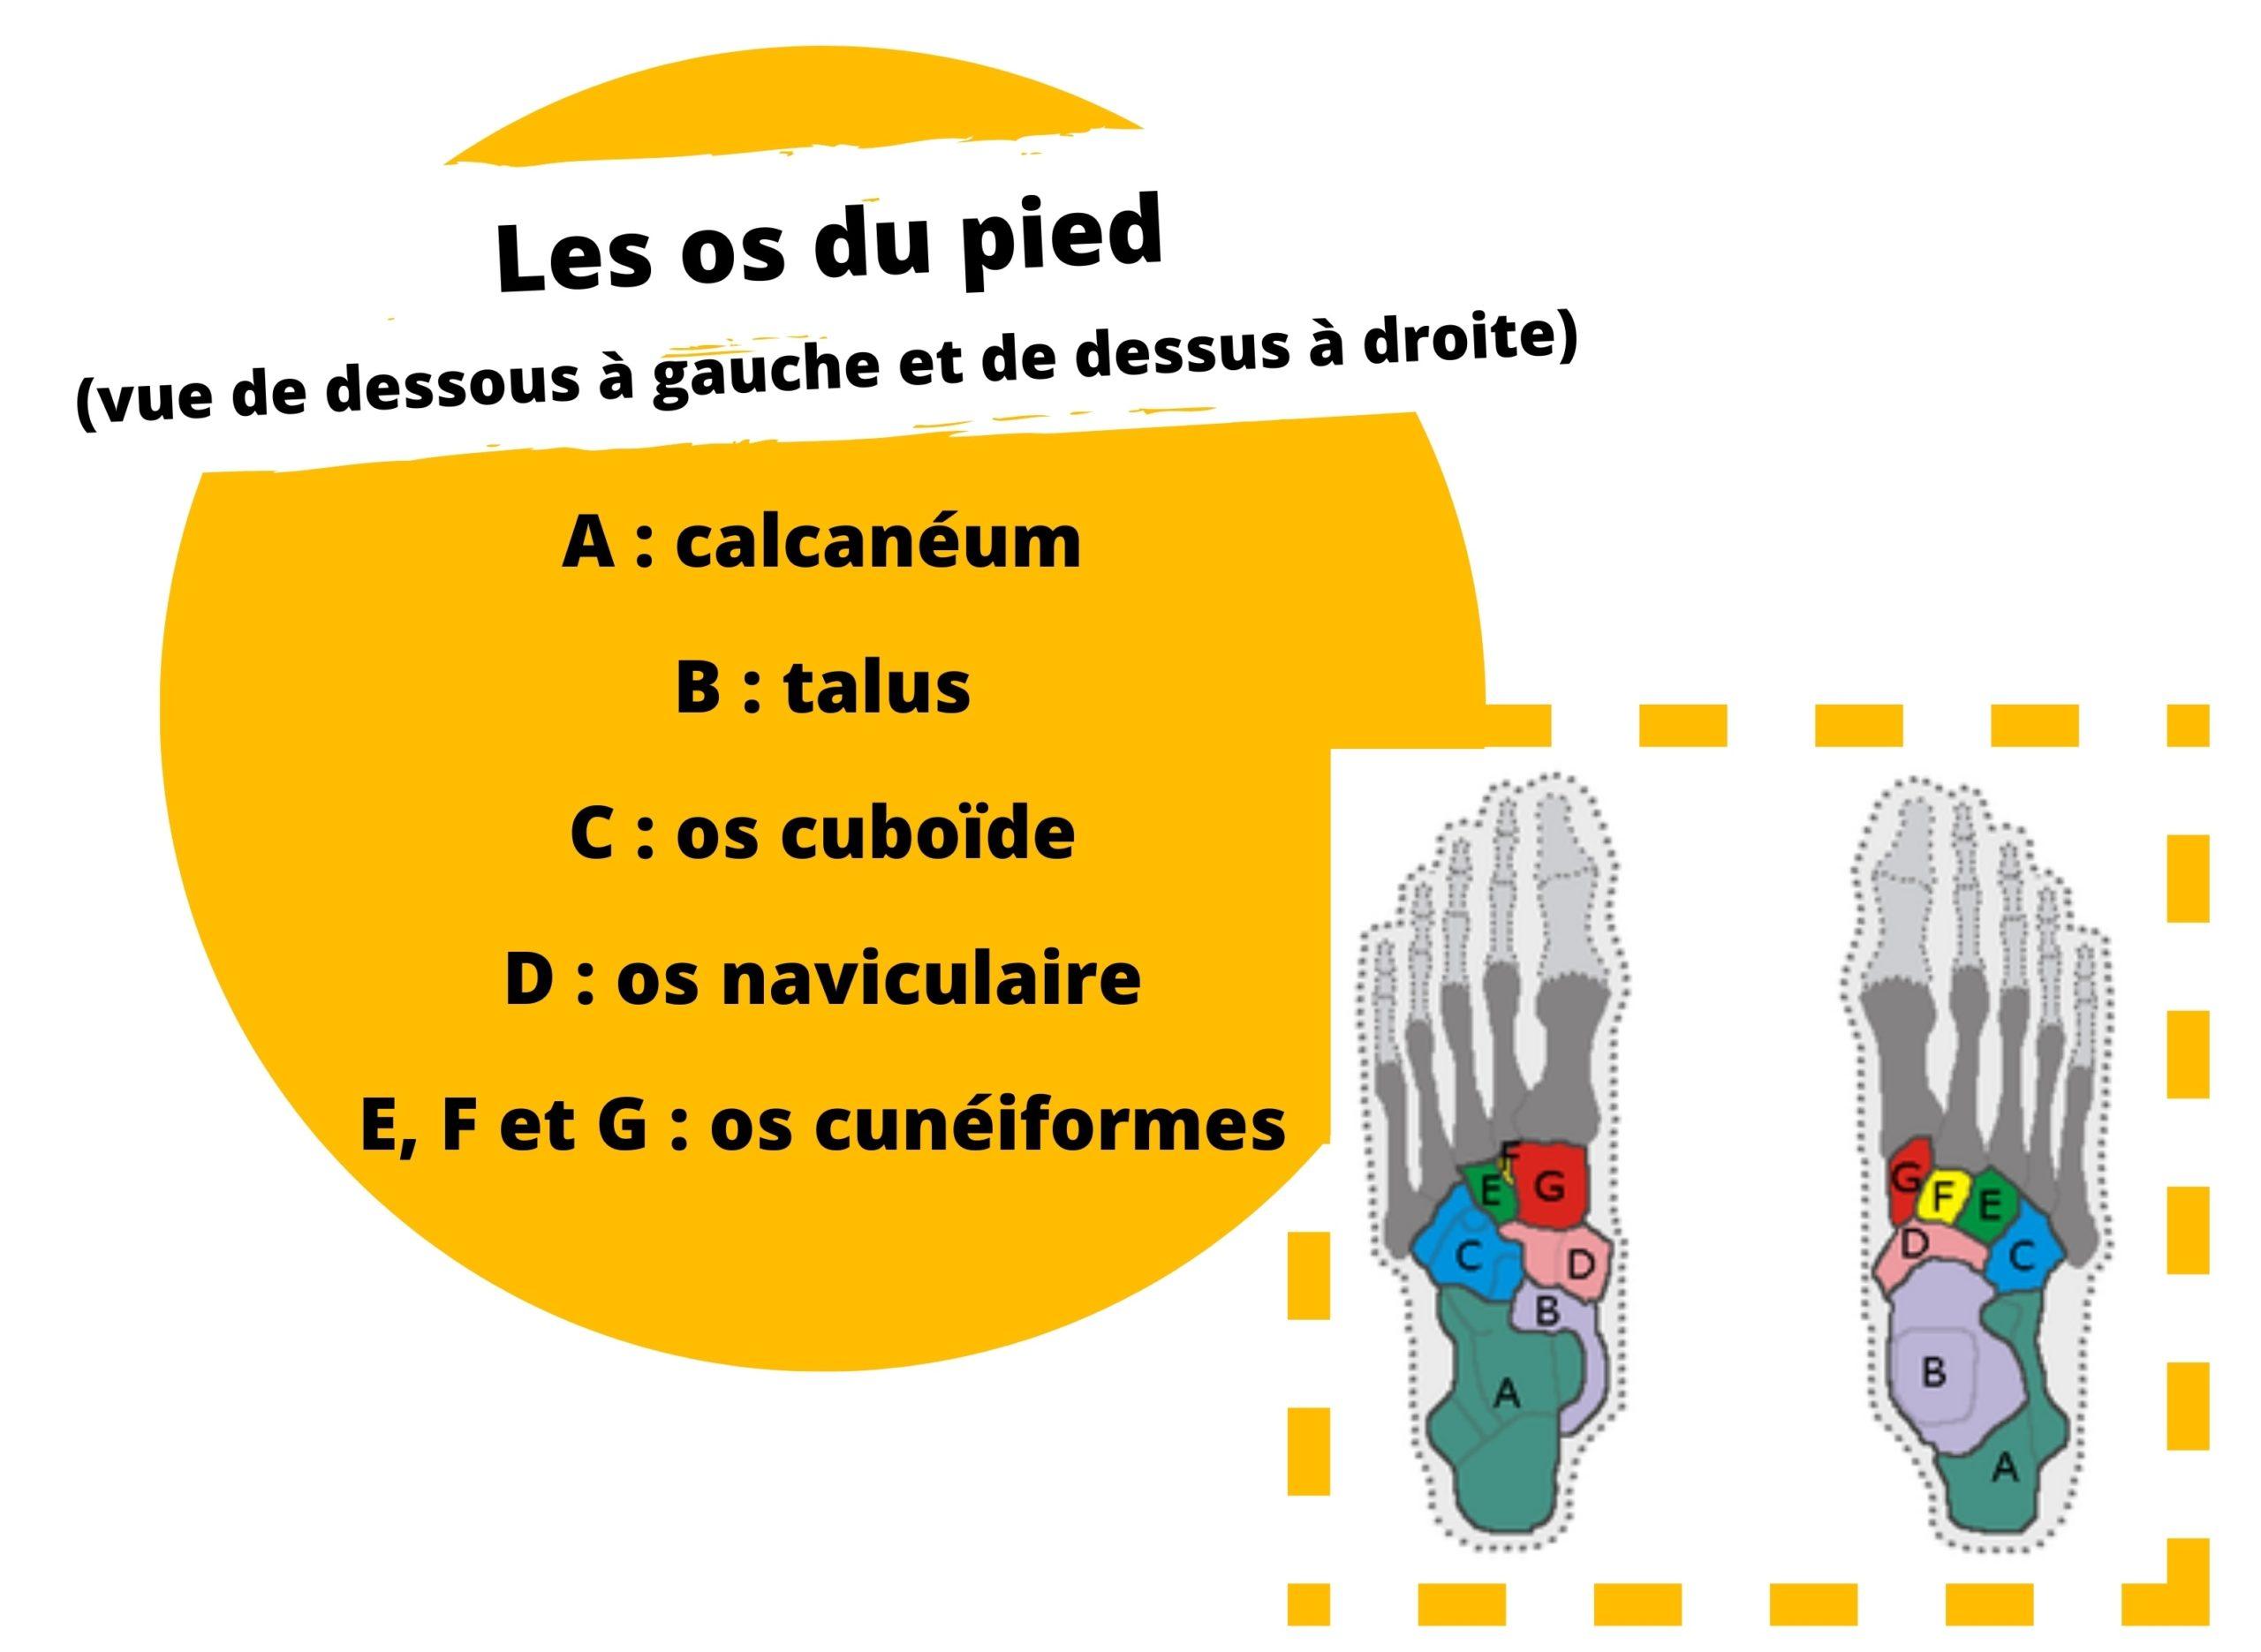 Les os du pied (vue de dessous à gauche et de dessus à droite)